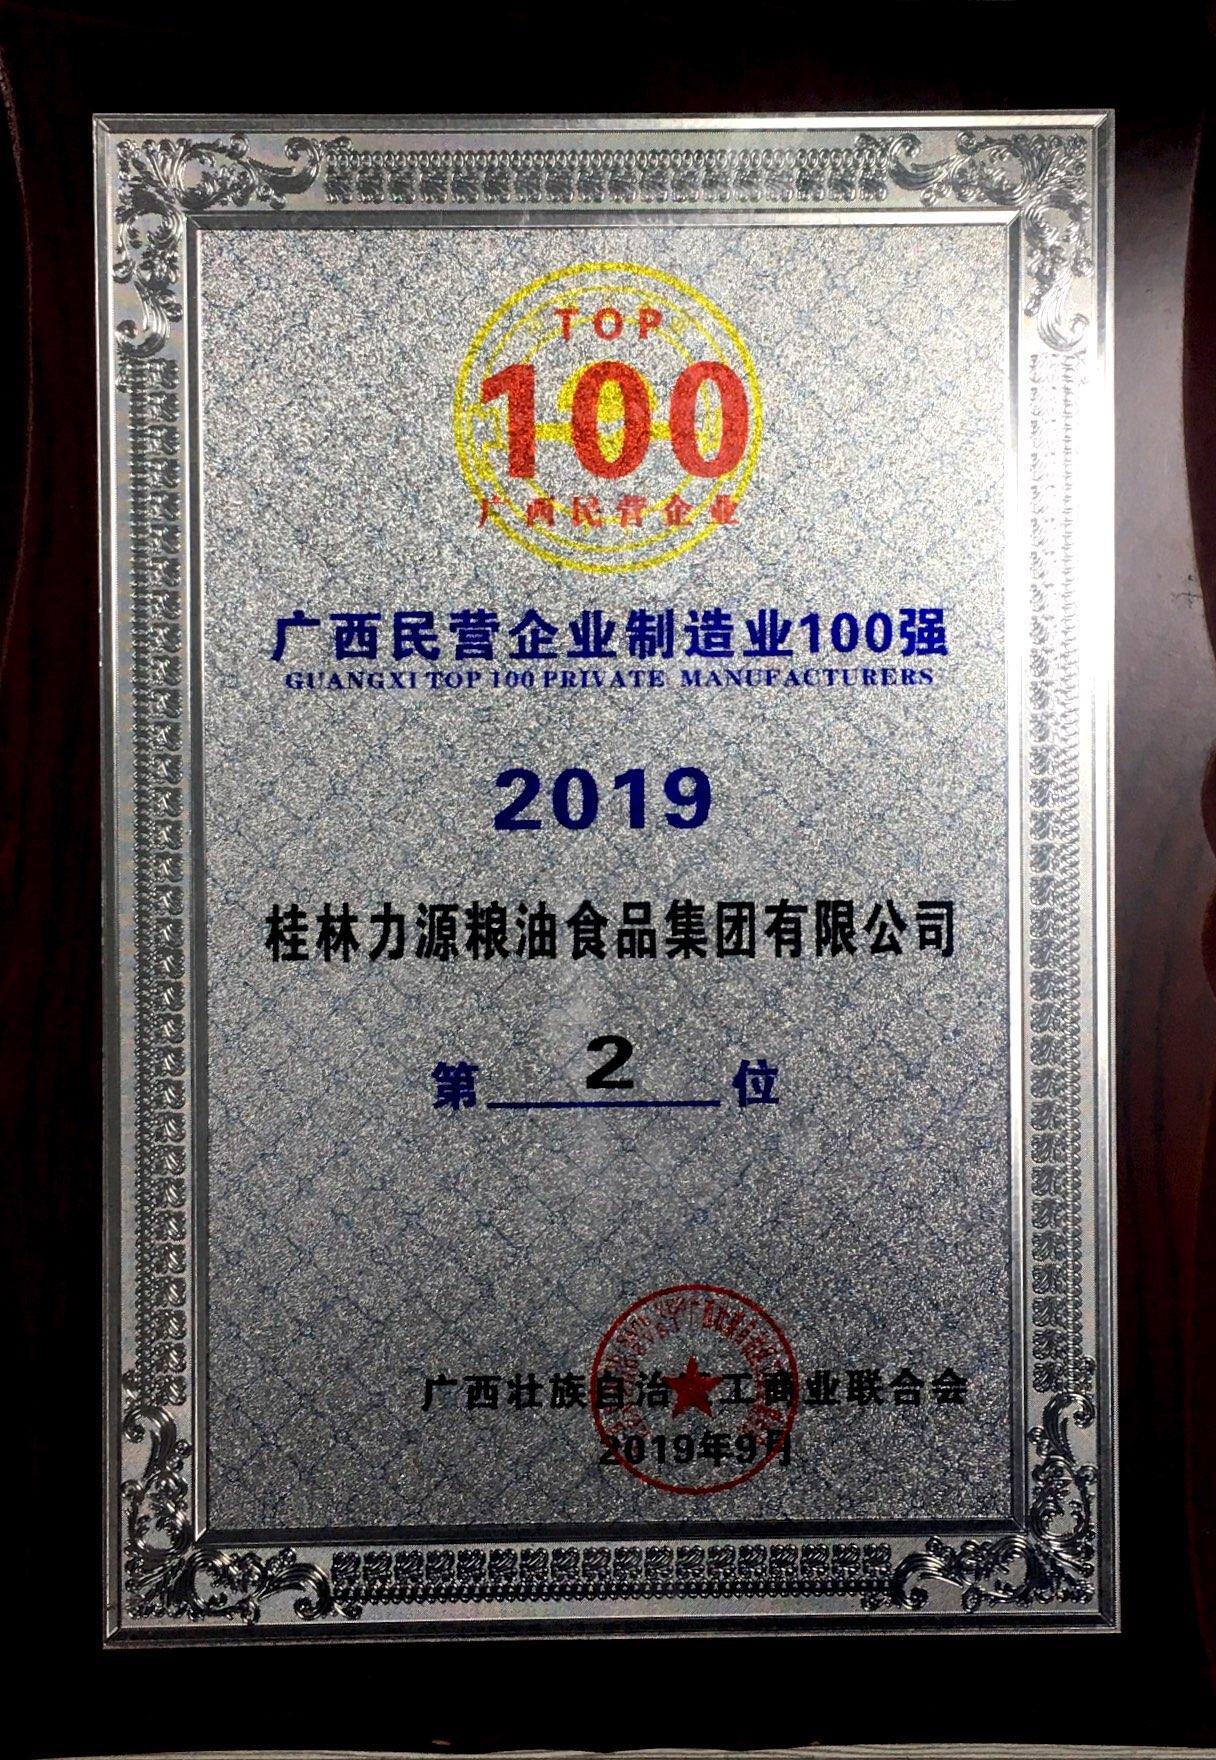 2019年广西民营企业制造业100强第二名